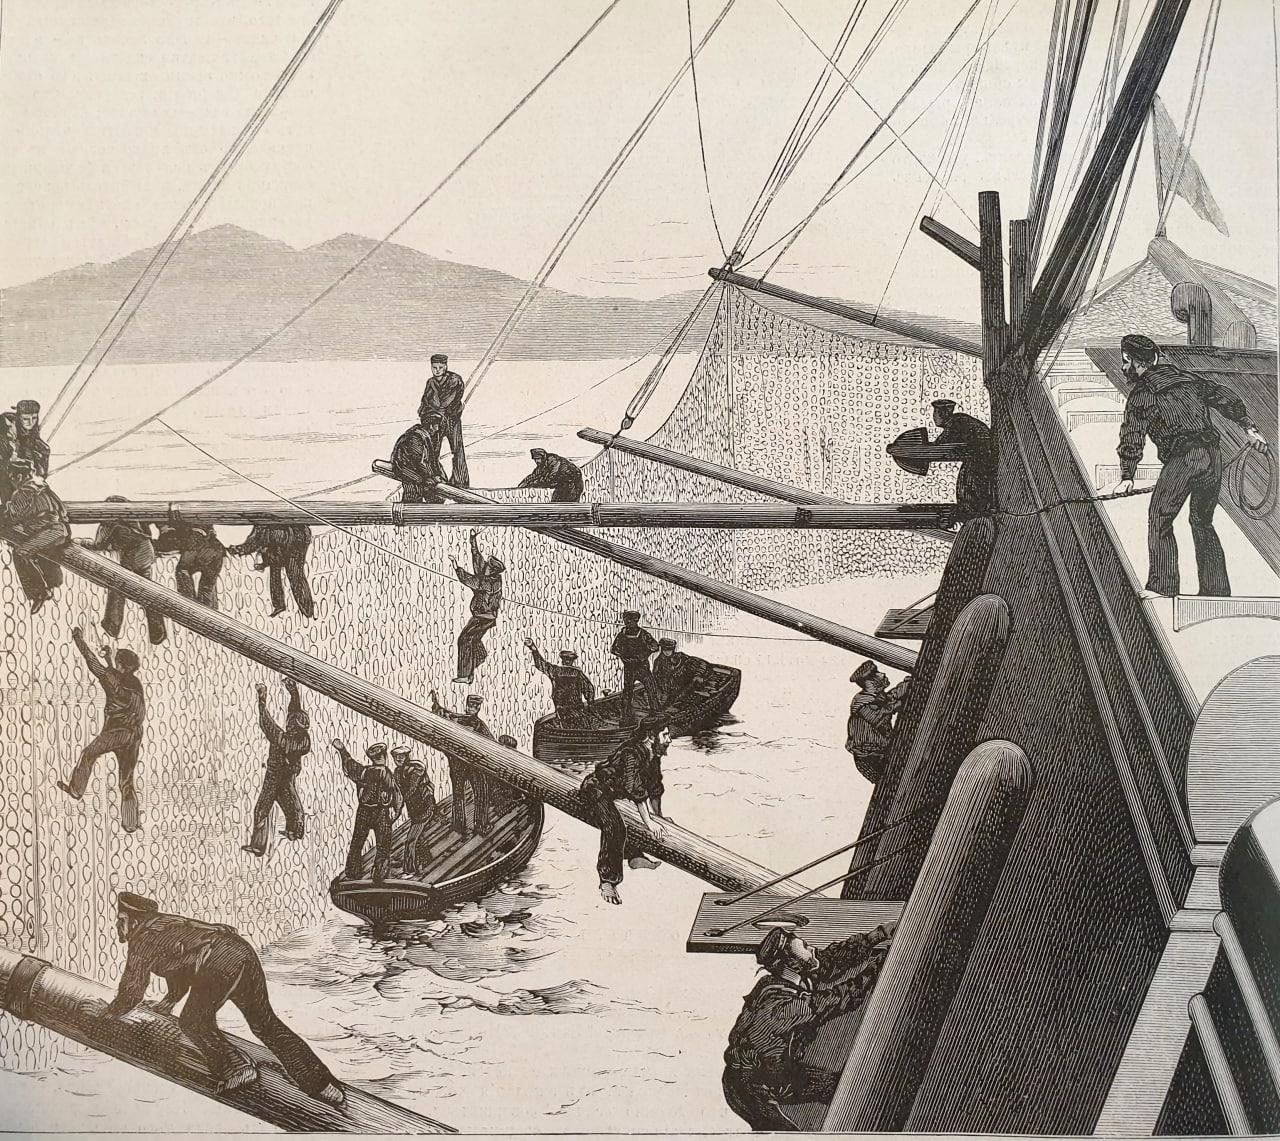 Торпедныя кольчуги эскадры въ Блексодбаѣ  Что-бы ни говорили о торпедахъ...